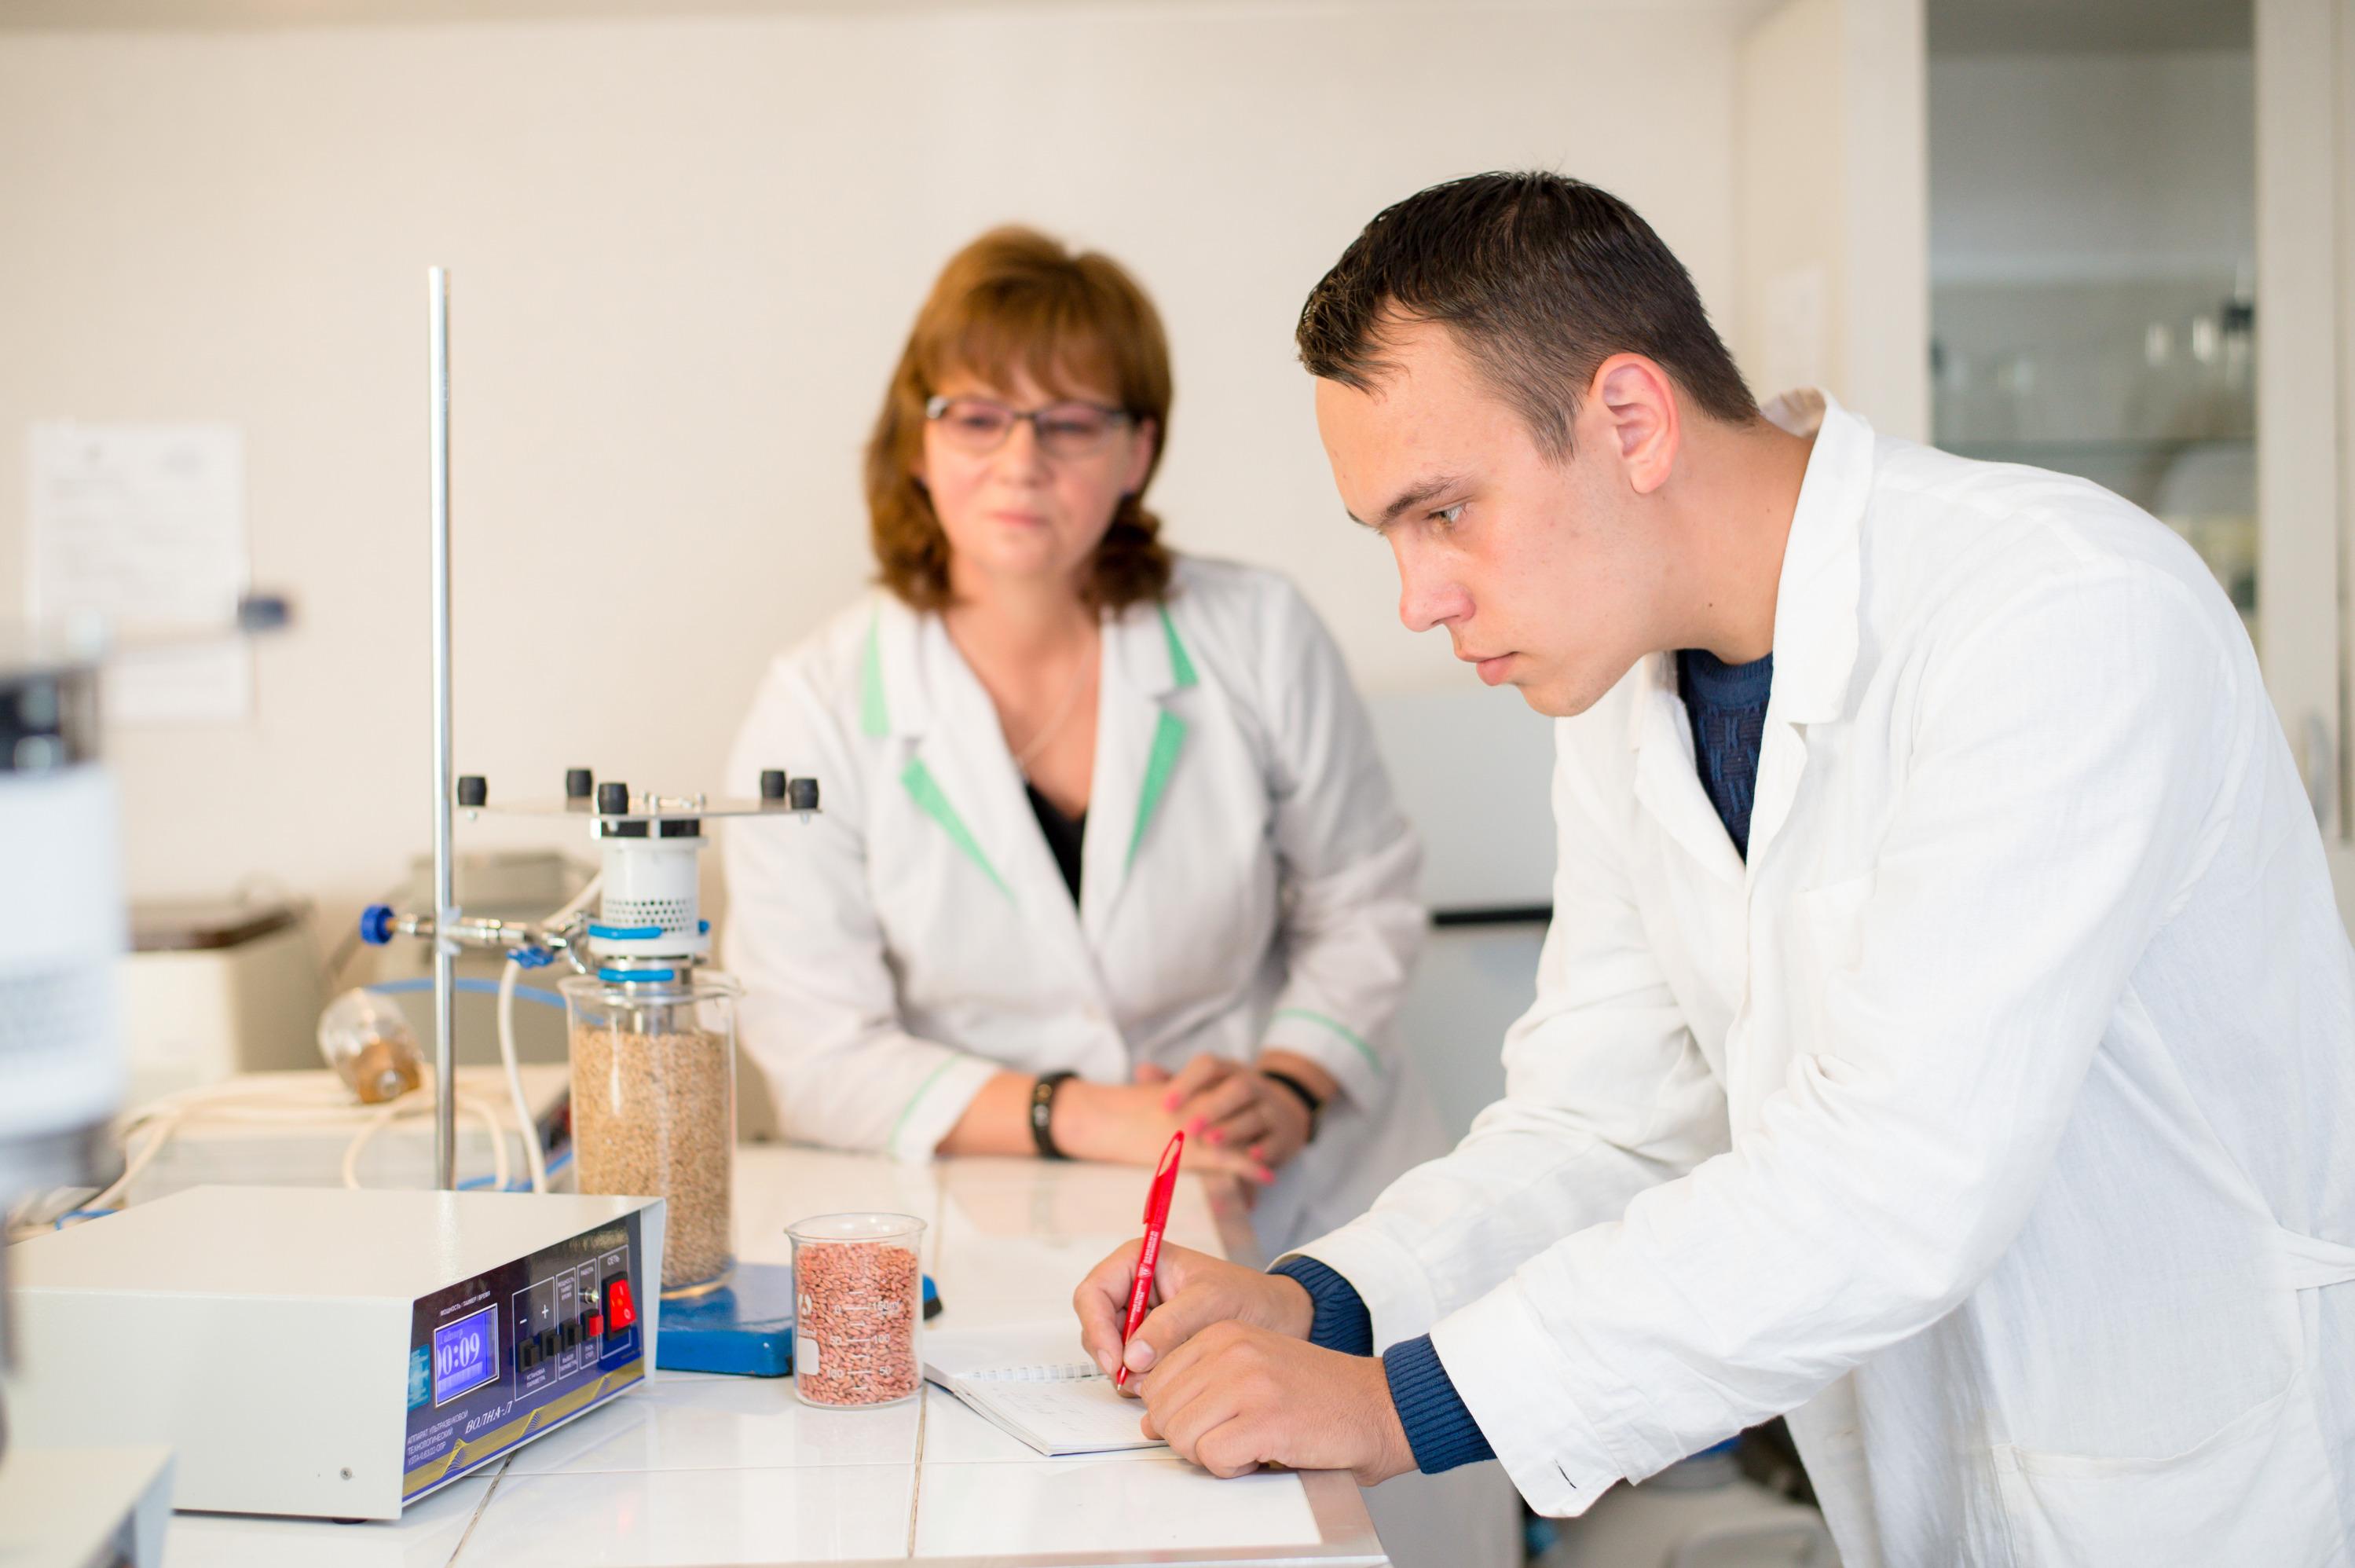 Международная лаборатория синтеза и анализа пищевых ингредиентов